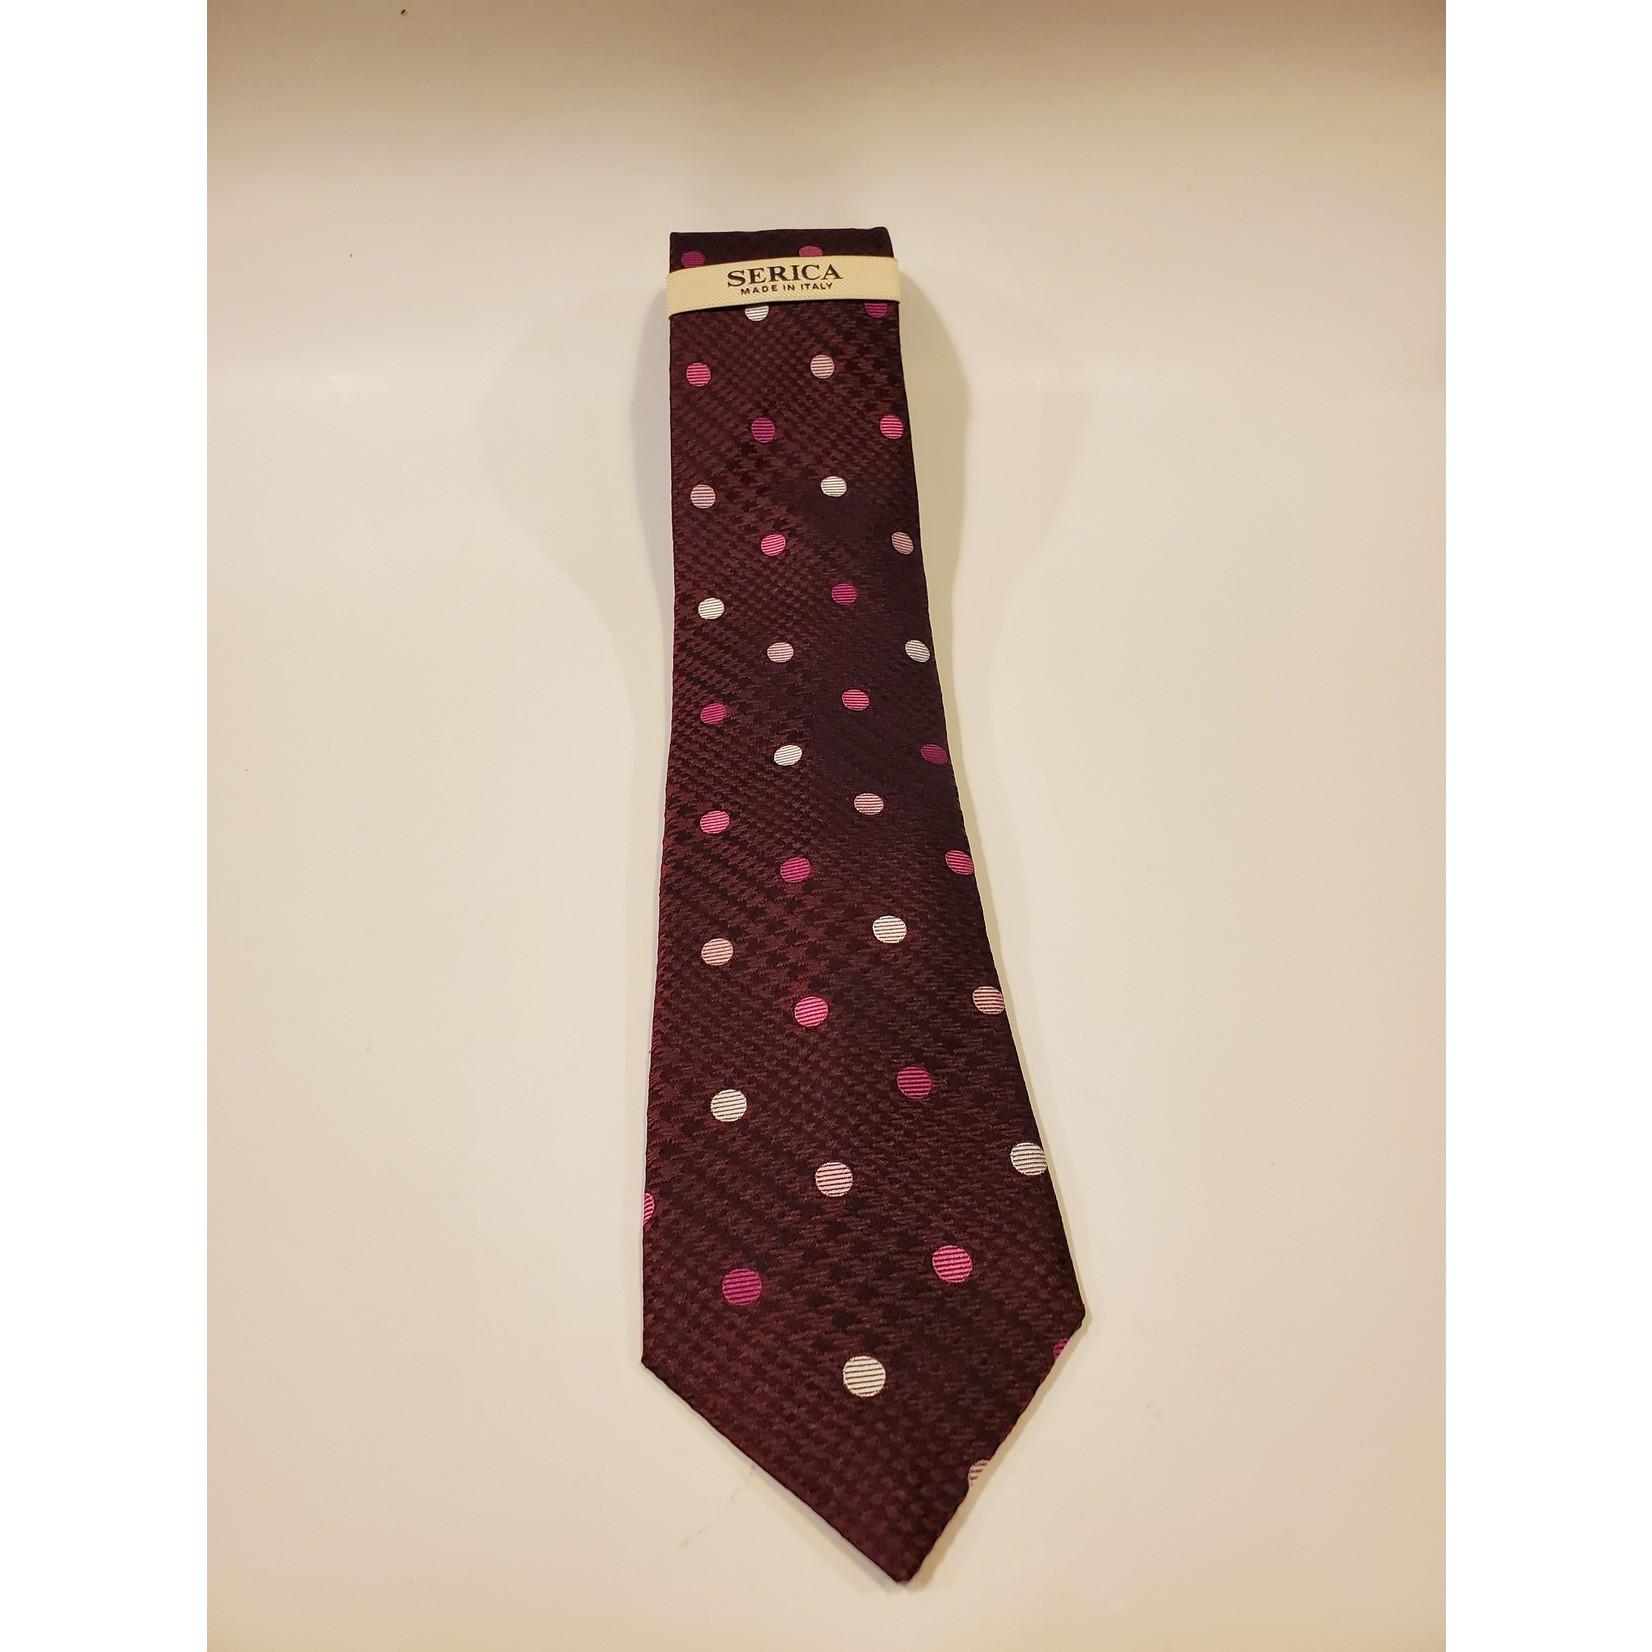 Serica 203234 Jacquard Silk Tie C - Purple POW Check Dot